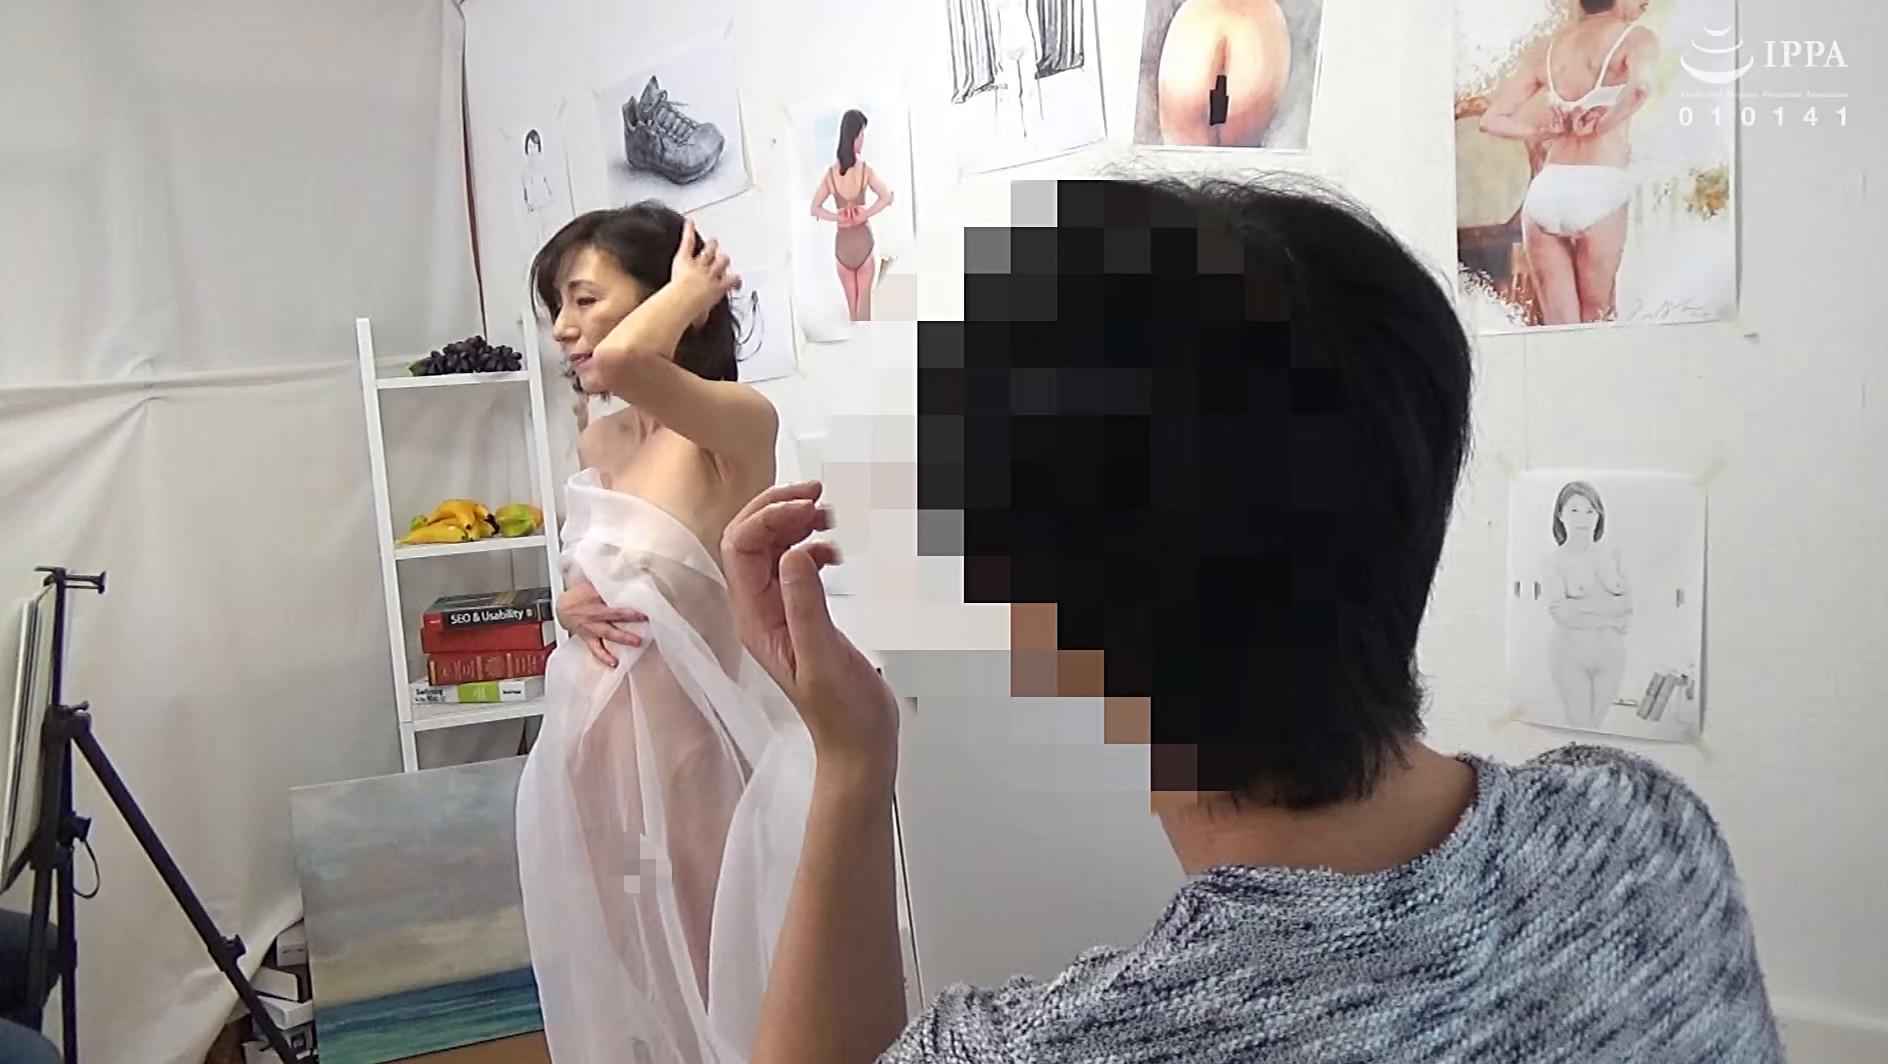 ヌードデッサンモデルの高額アルバイトでやってきた人妻さんに男根挿入して種付けSEXするビデオ 23